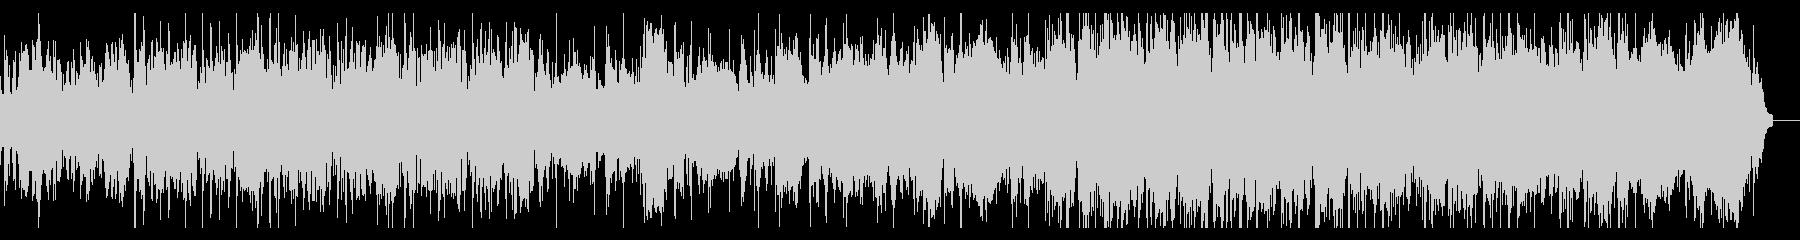 エレクトロニックなアンビエントIDMの未再生の波形